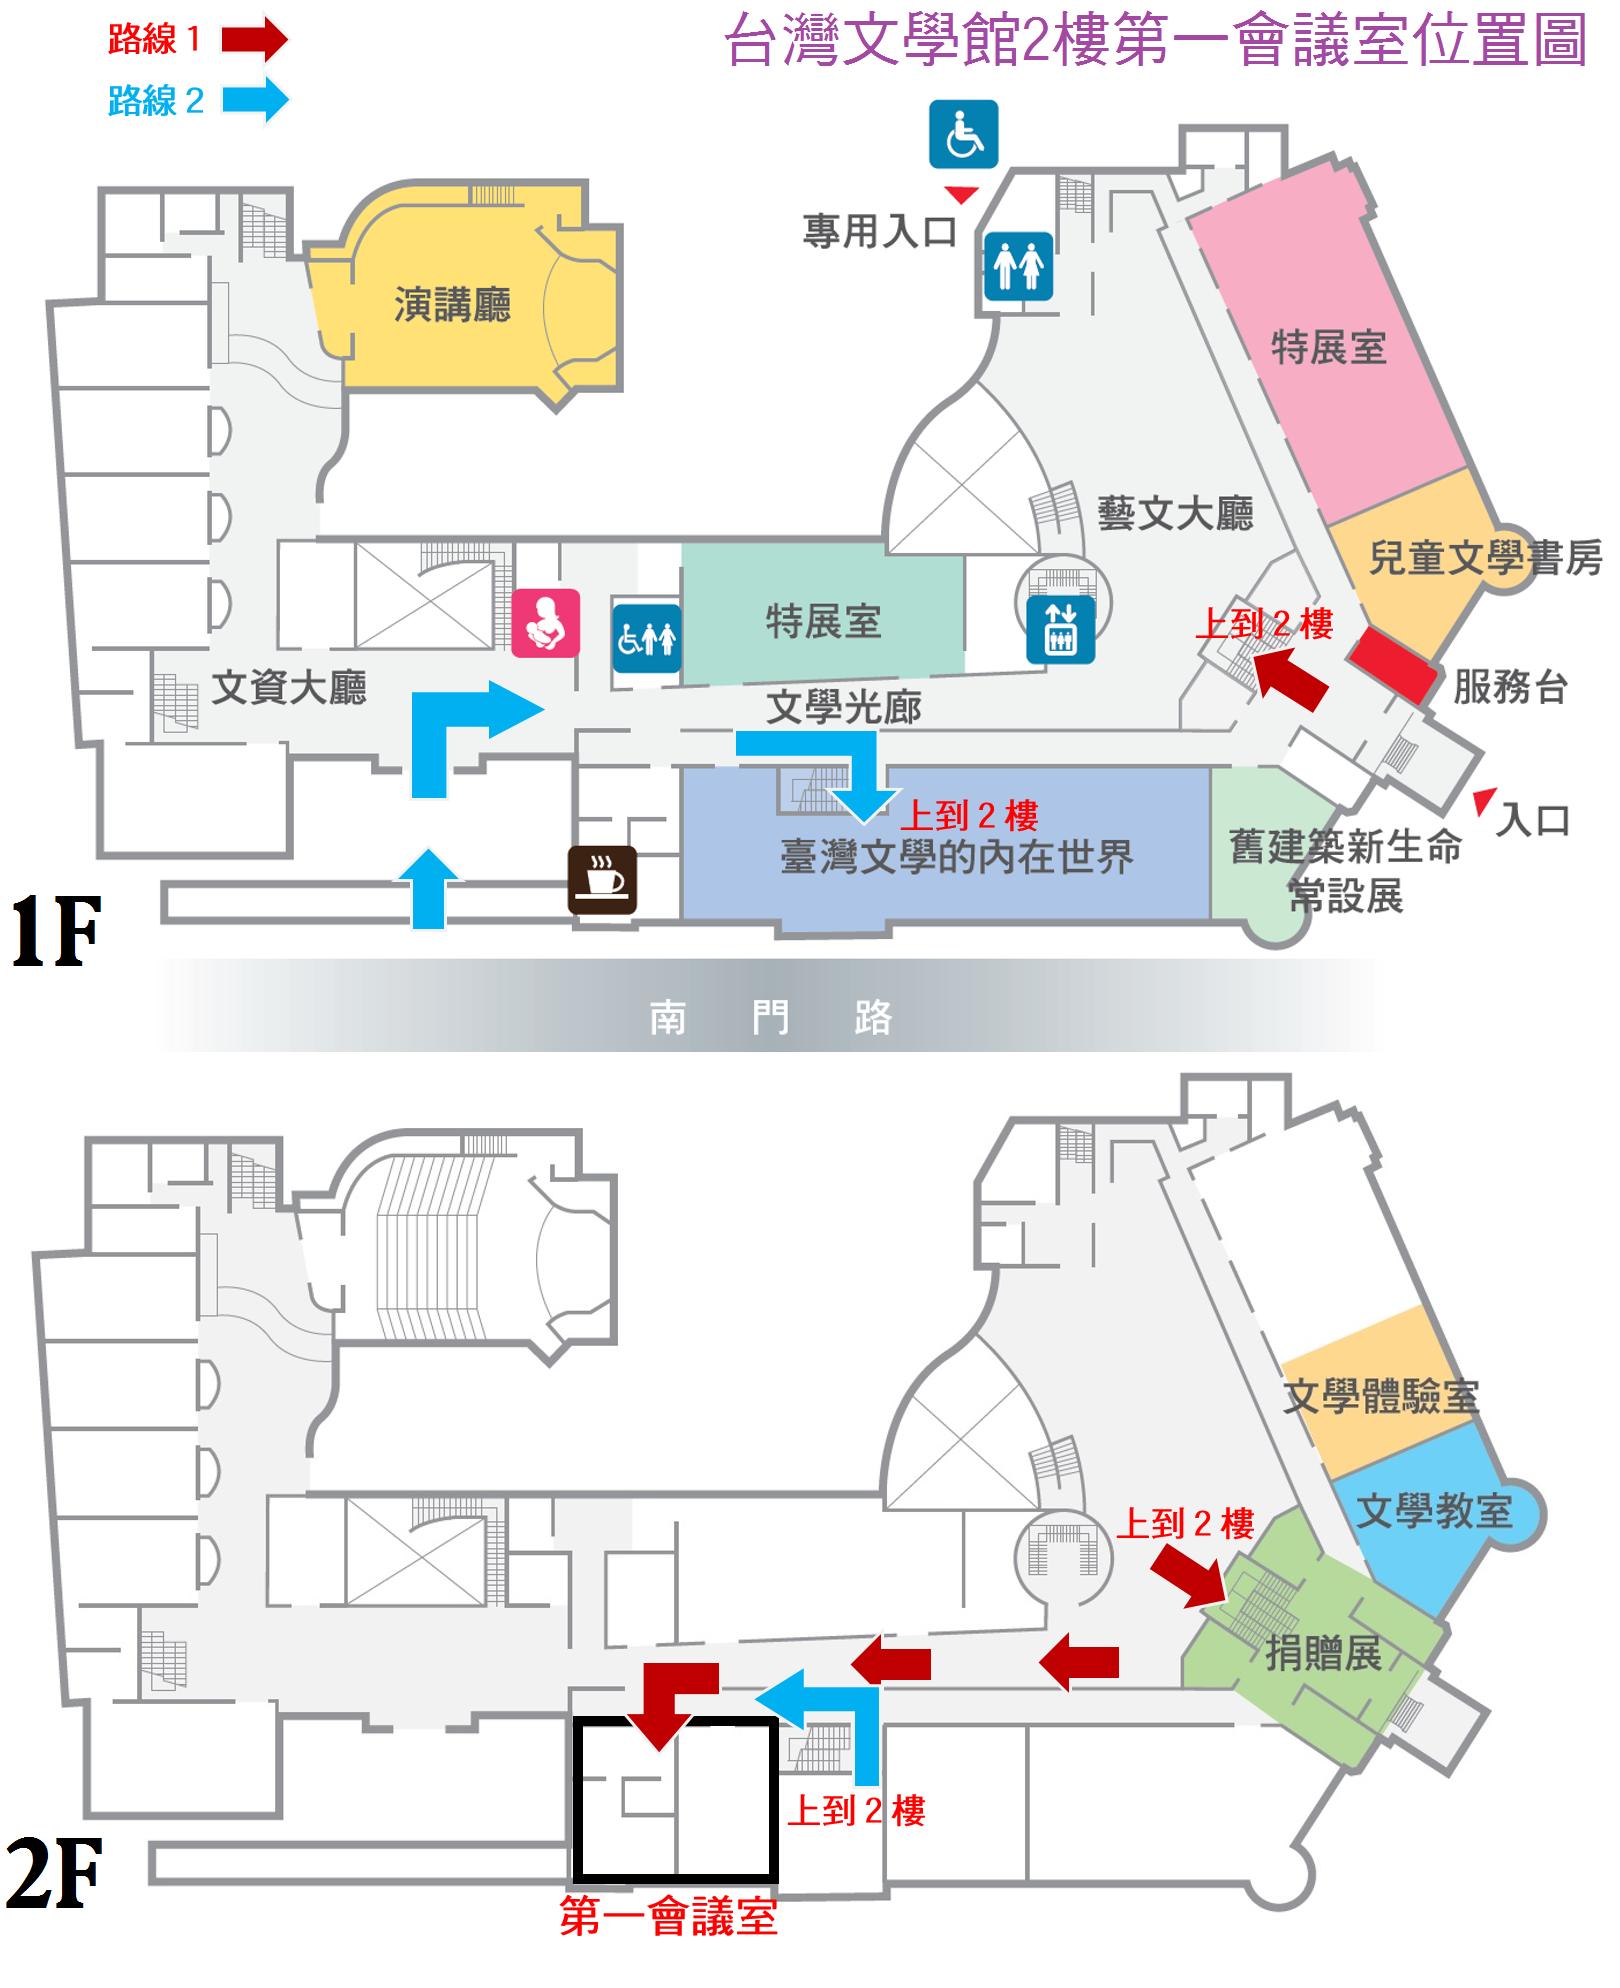 第一會議室位置圖 (2).jpg